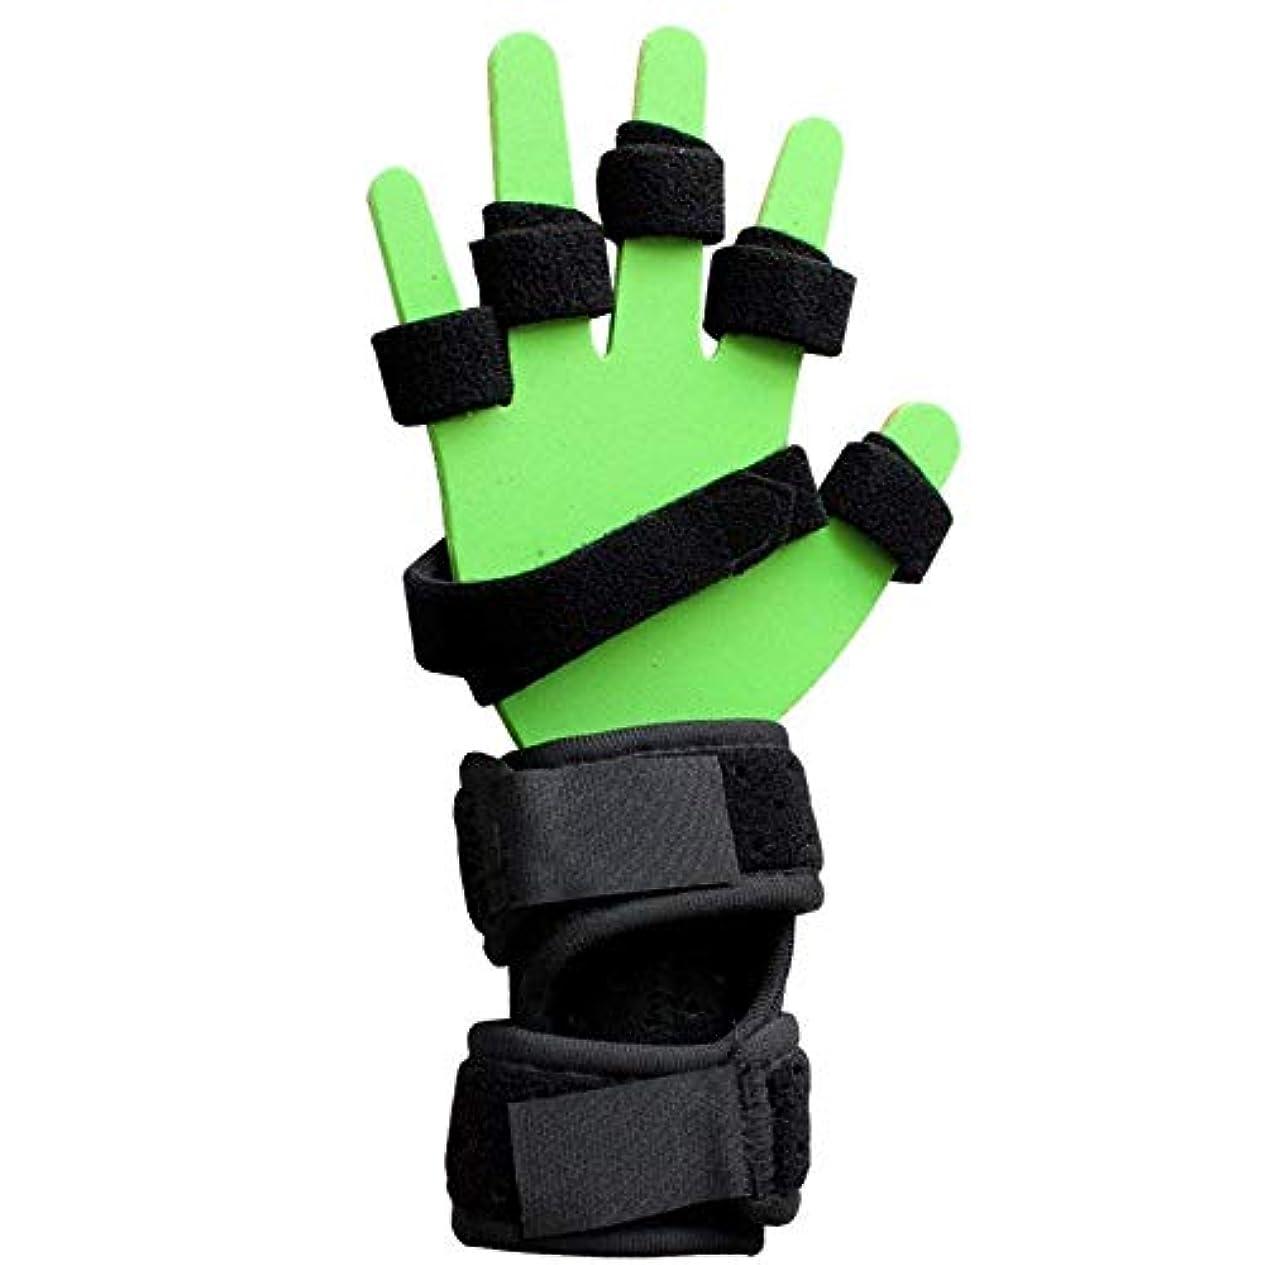 上級瞬時に輝度指損傷サポート、指板トレーニング指固定プレート、片麻痺用指装具プラスチックアルミニウムプレート,RightHand-M